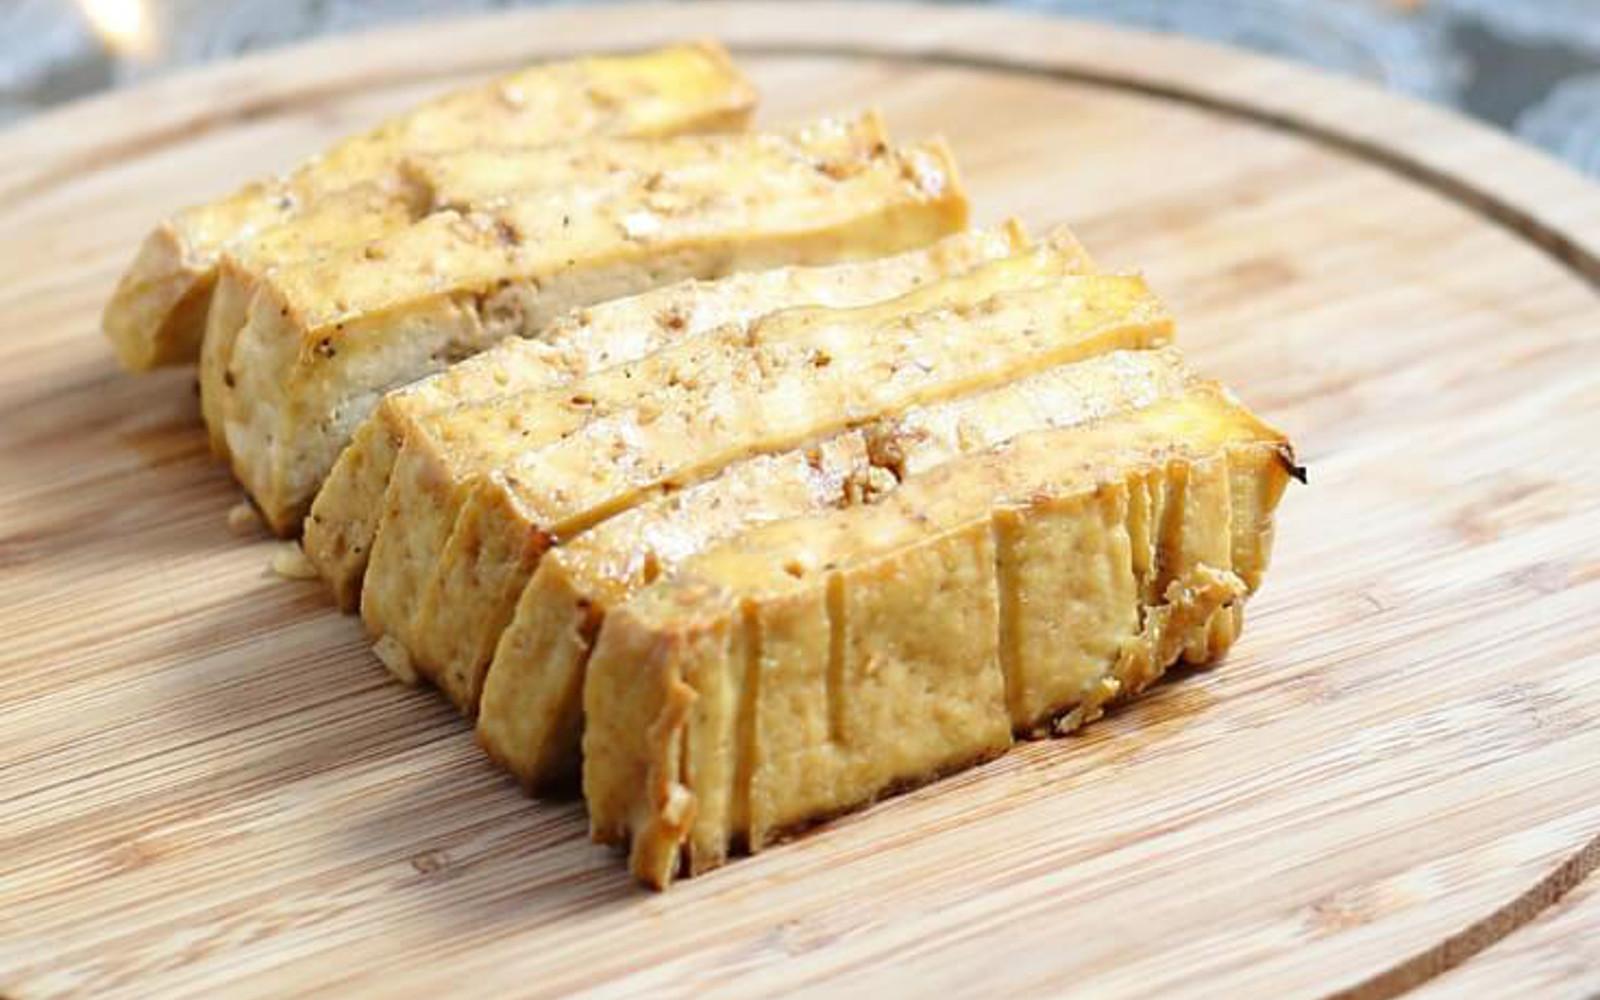 Maple-Glazed Tofu